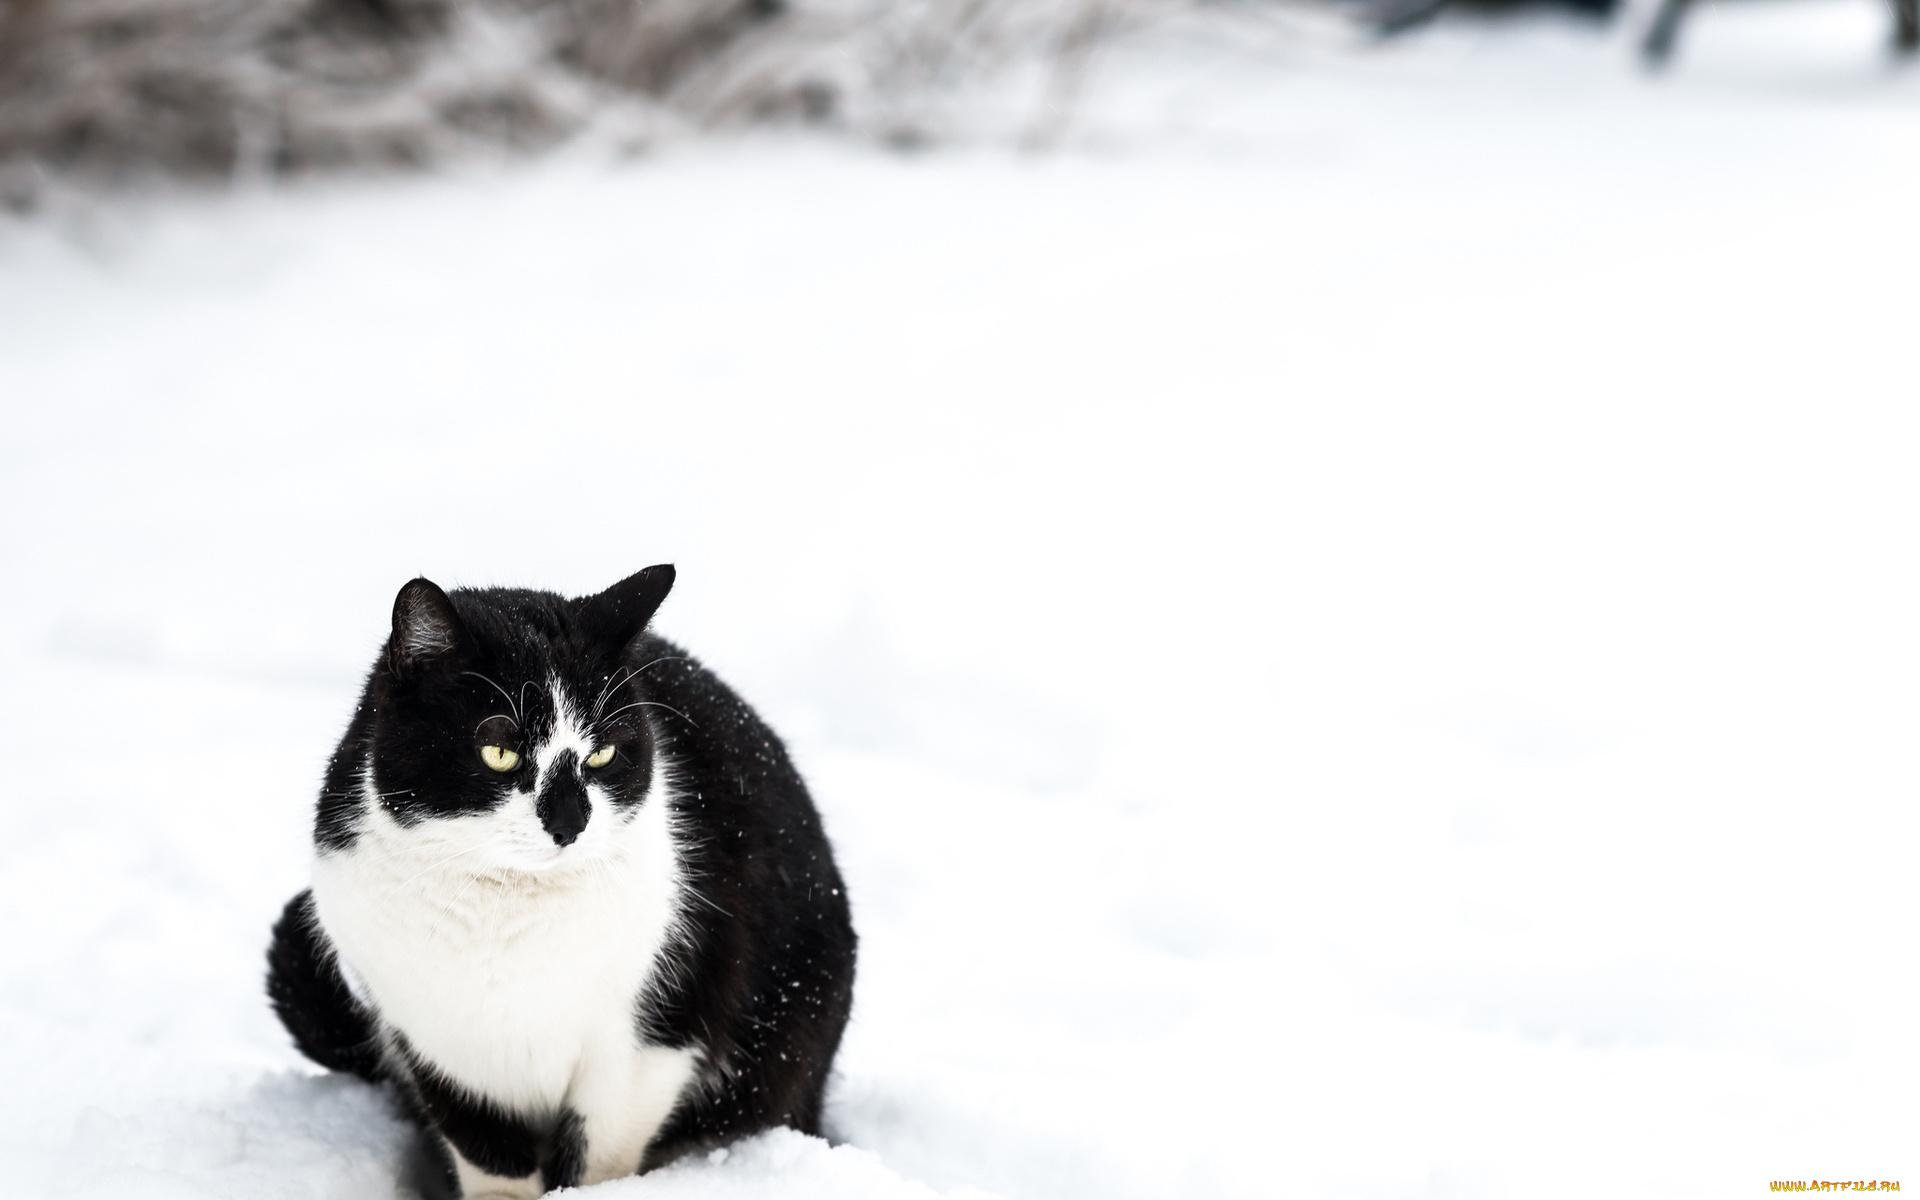 Кот на снегу бесплатно